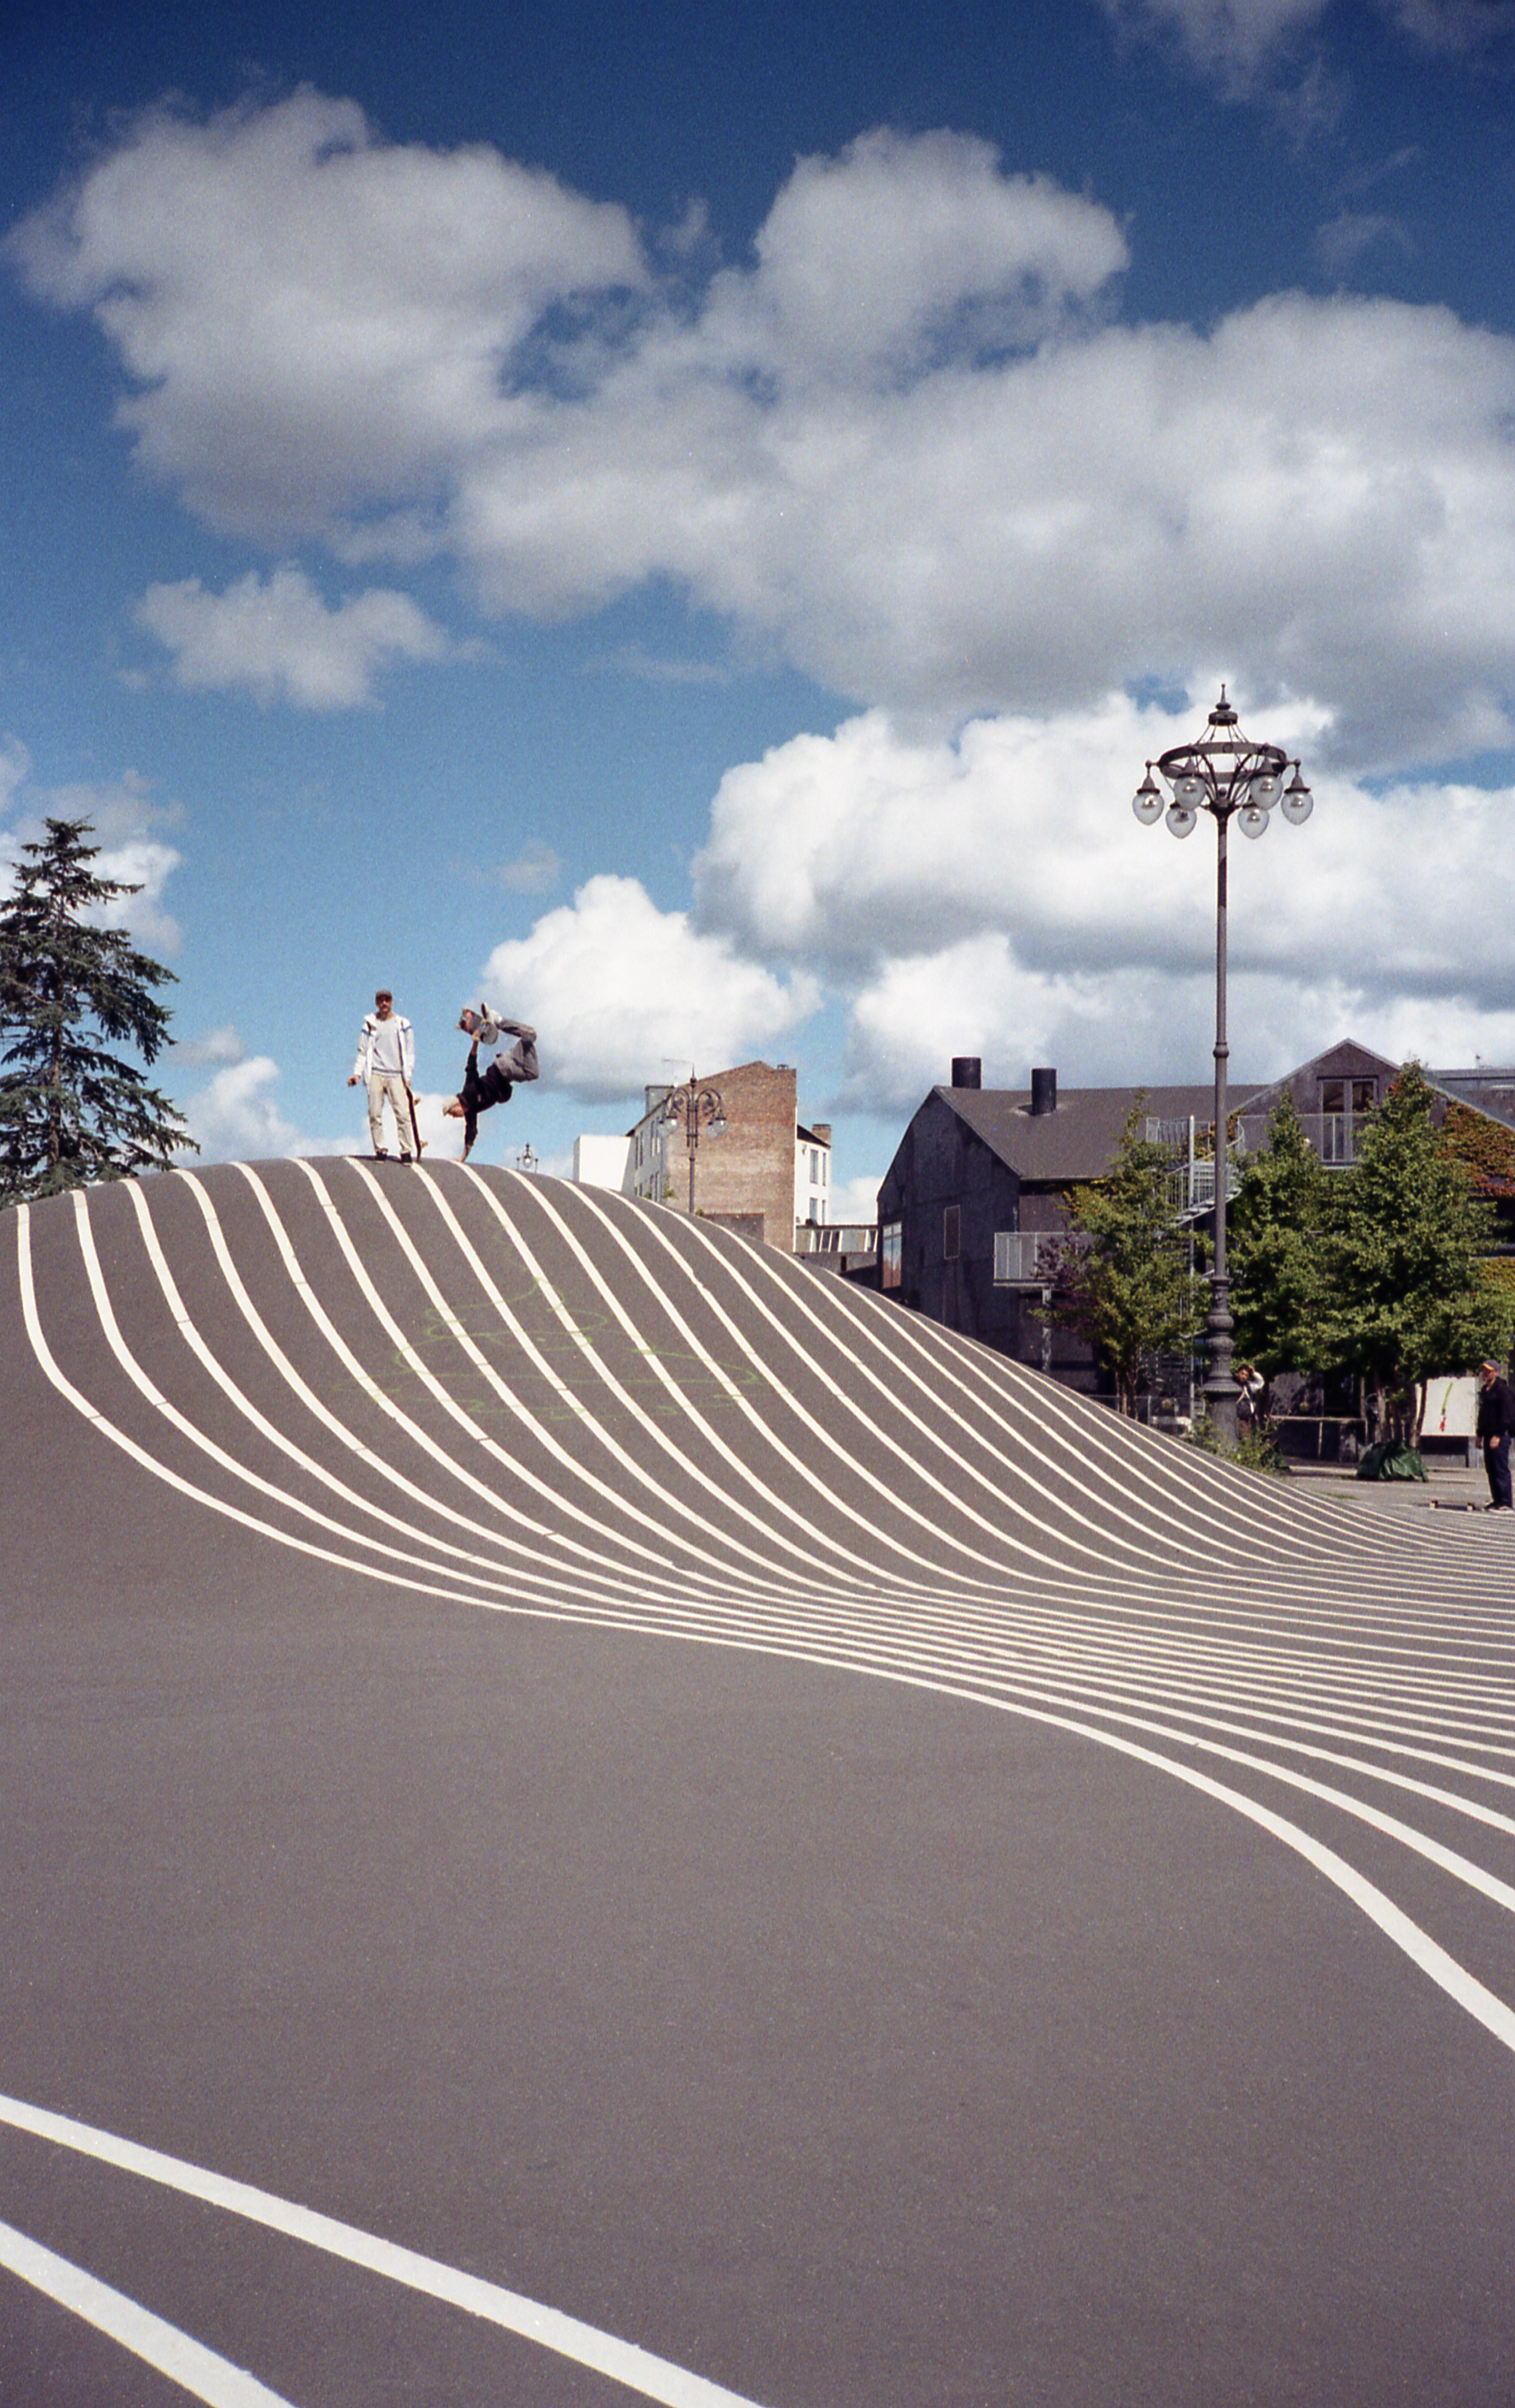 Sta per iniziare la seconda edizione dello Skate e Surf Film Festival   Collater.al 6